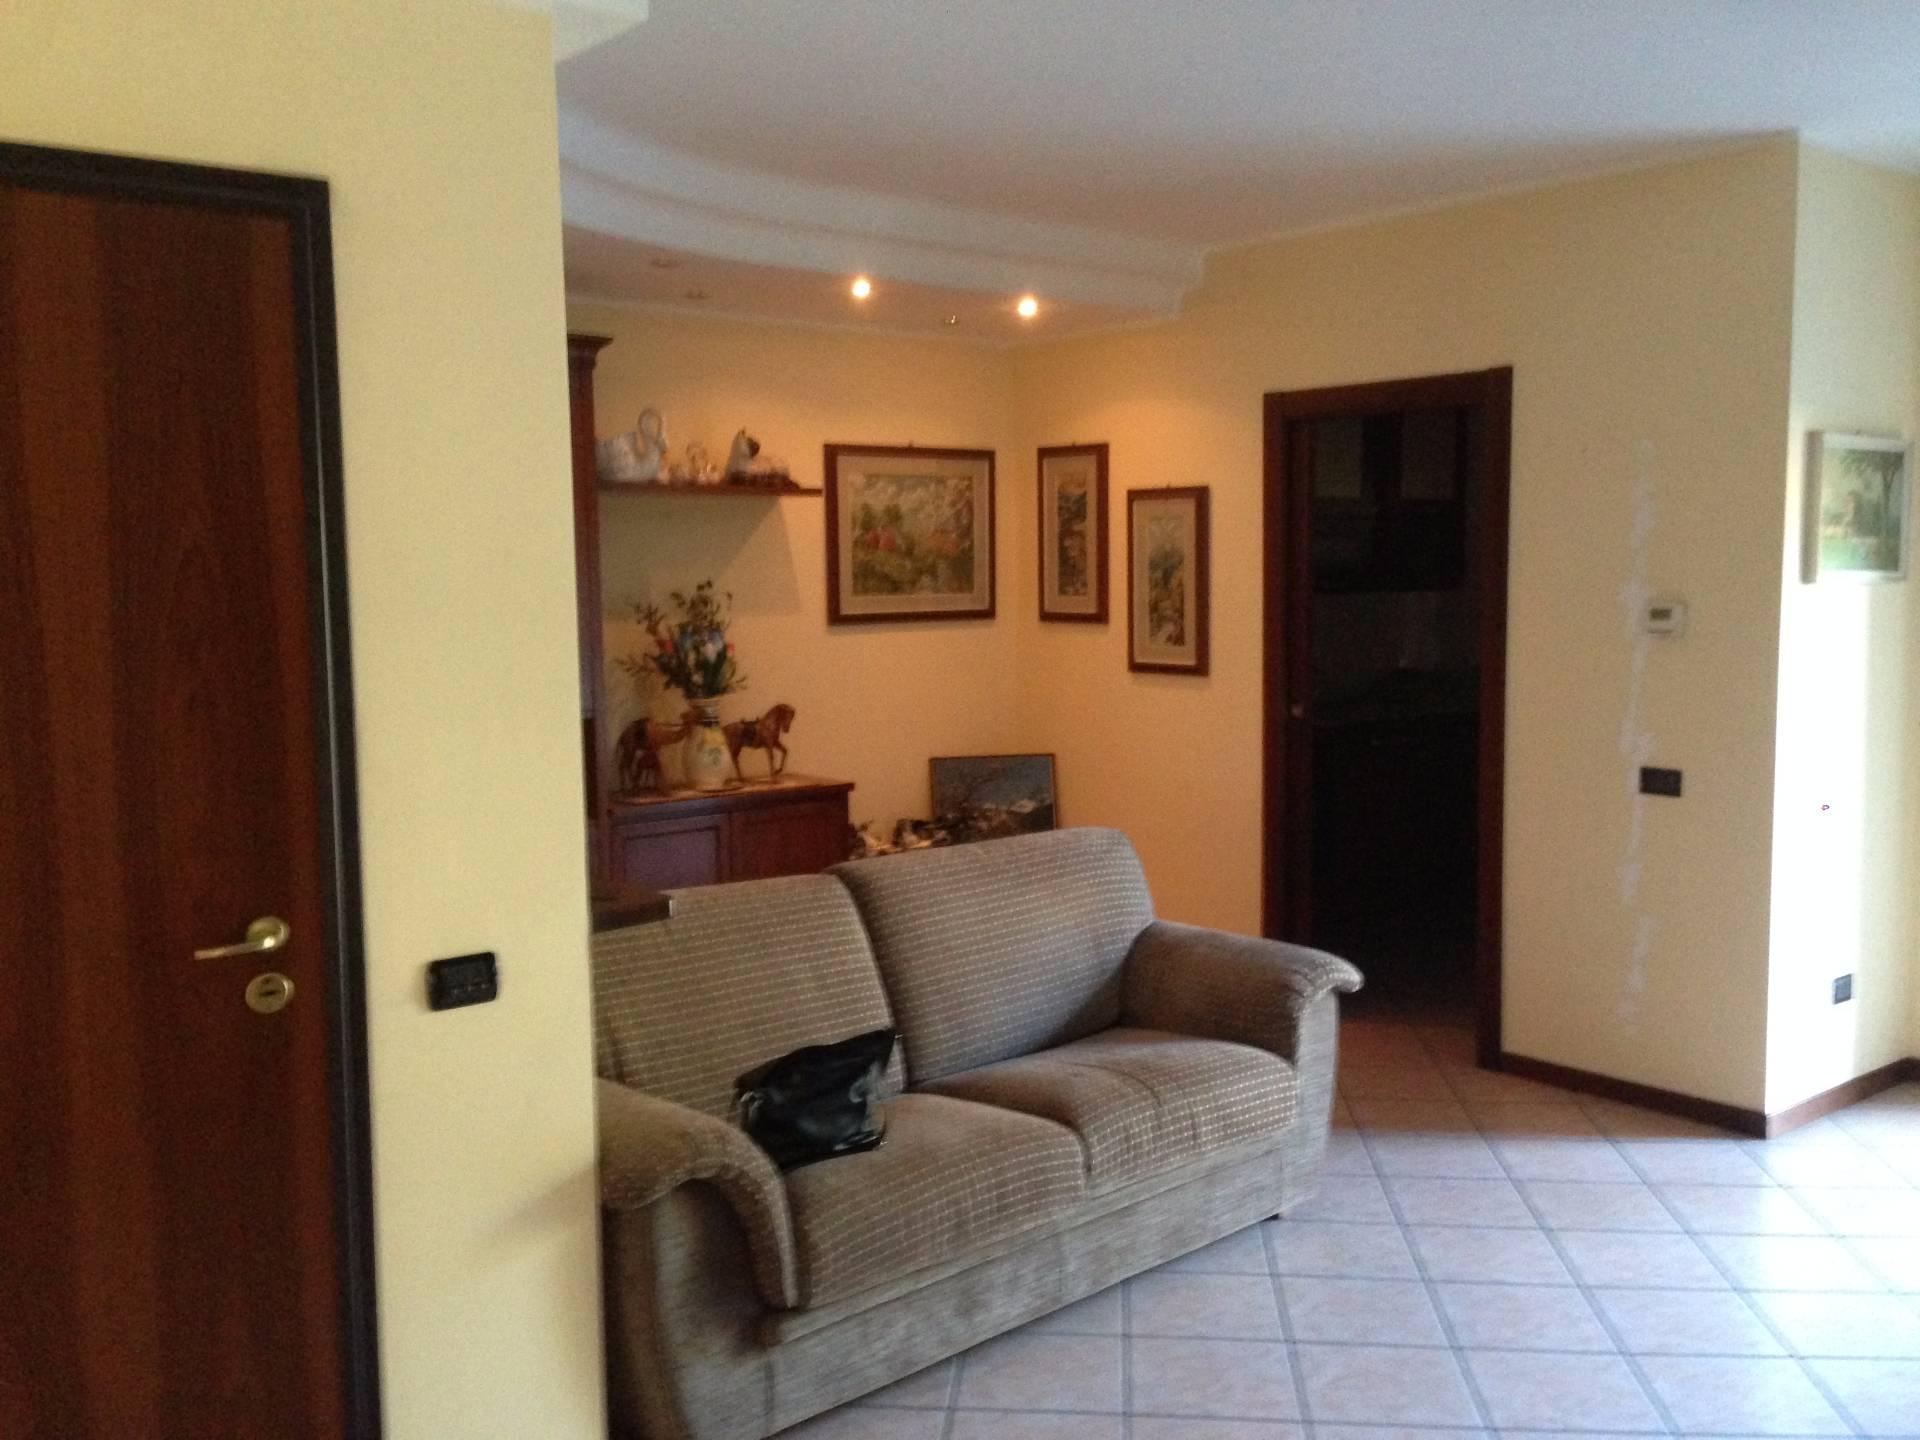 Appartamento in vendita a Olginate, 3 locali, prezzo € 165.000 | Cambio Casa.it